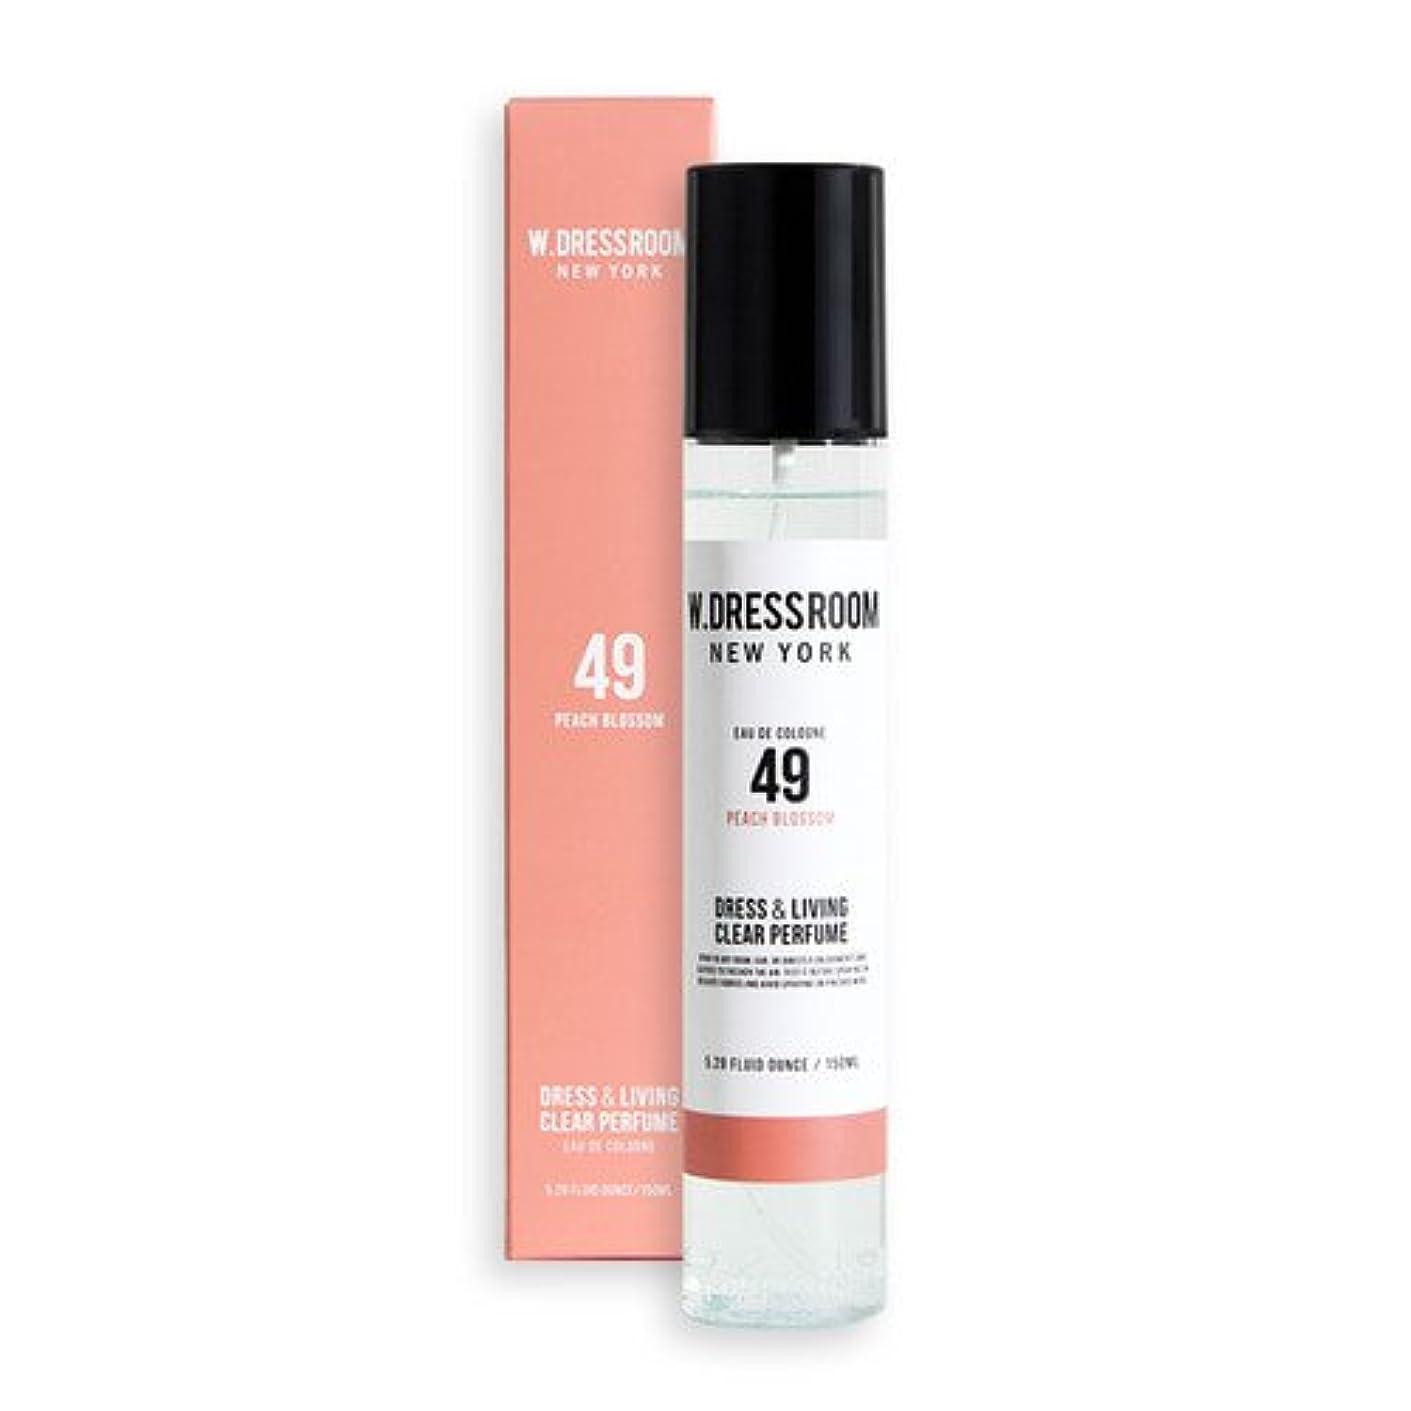 キルスインセンティブモノグラフW.DRESSROOM Dress & Living Clear Perfume 150ml/ダブルドレスルーム ドレス&リビング クリア パフューム 150ml (#No.49 Peach Blossom) [並行輸入品]